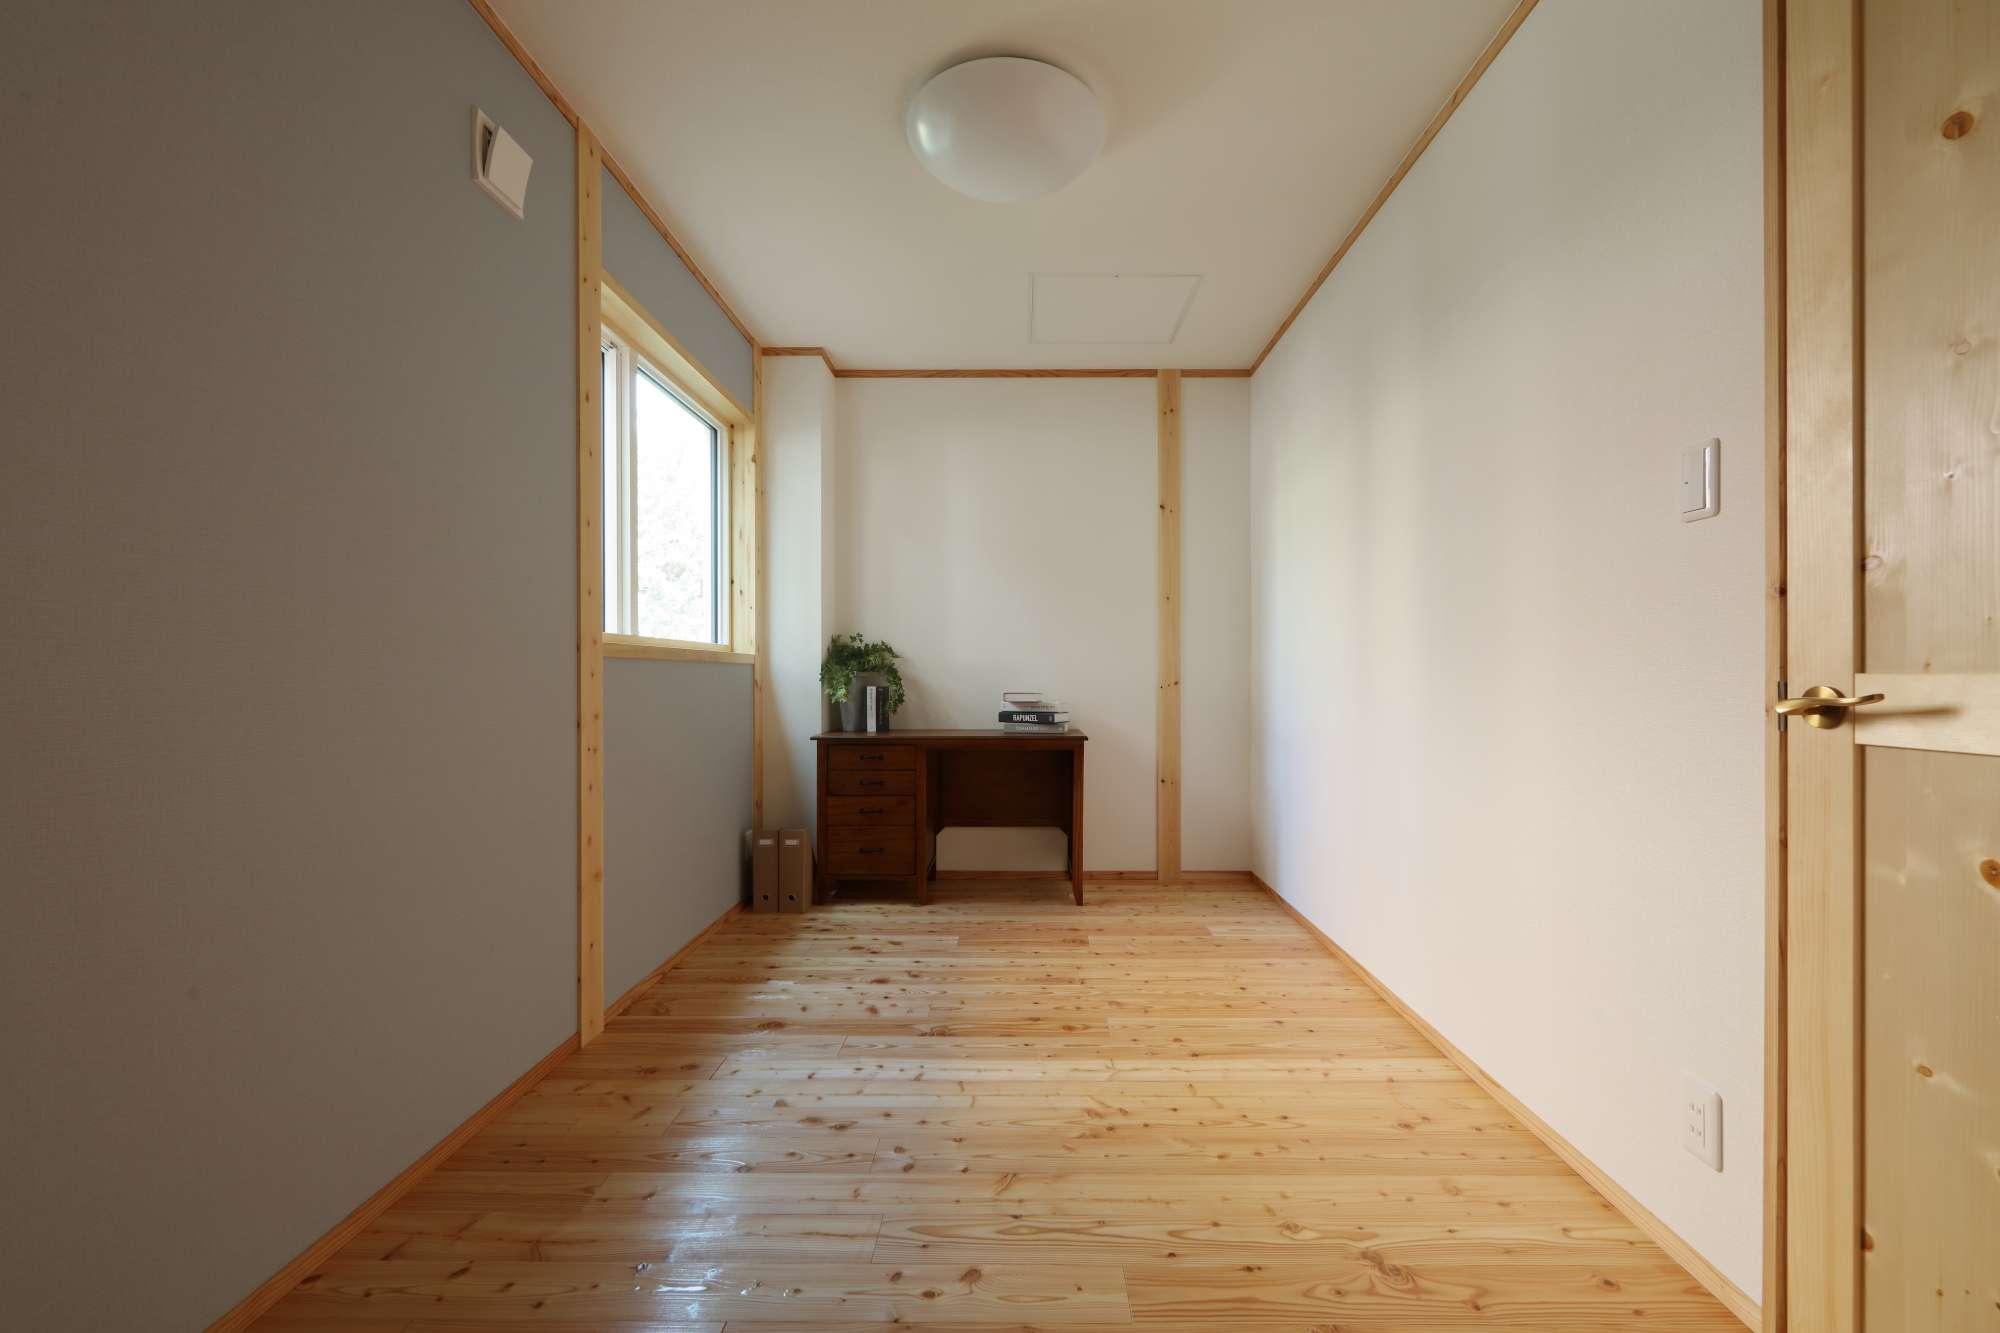 1階には個室が3部屋 -  -  -